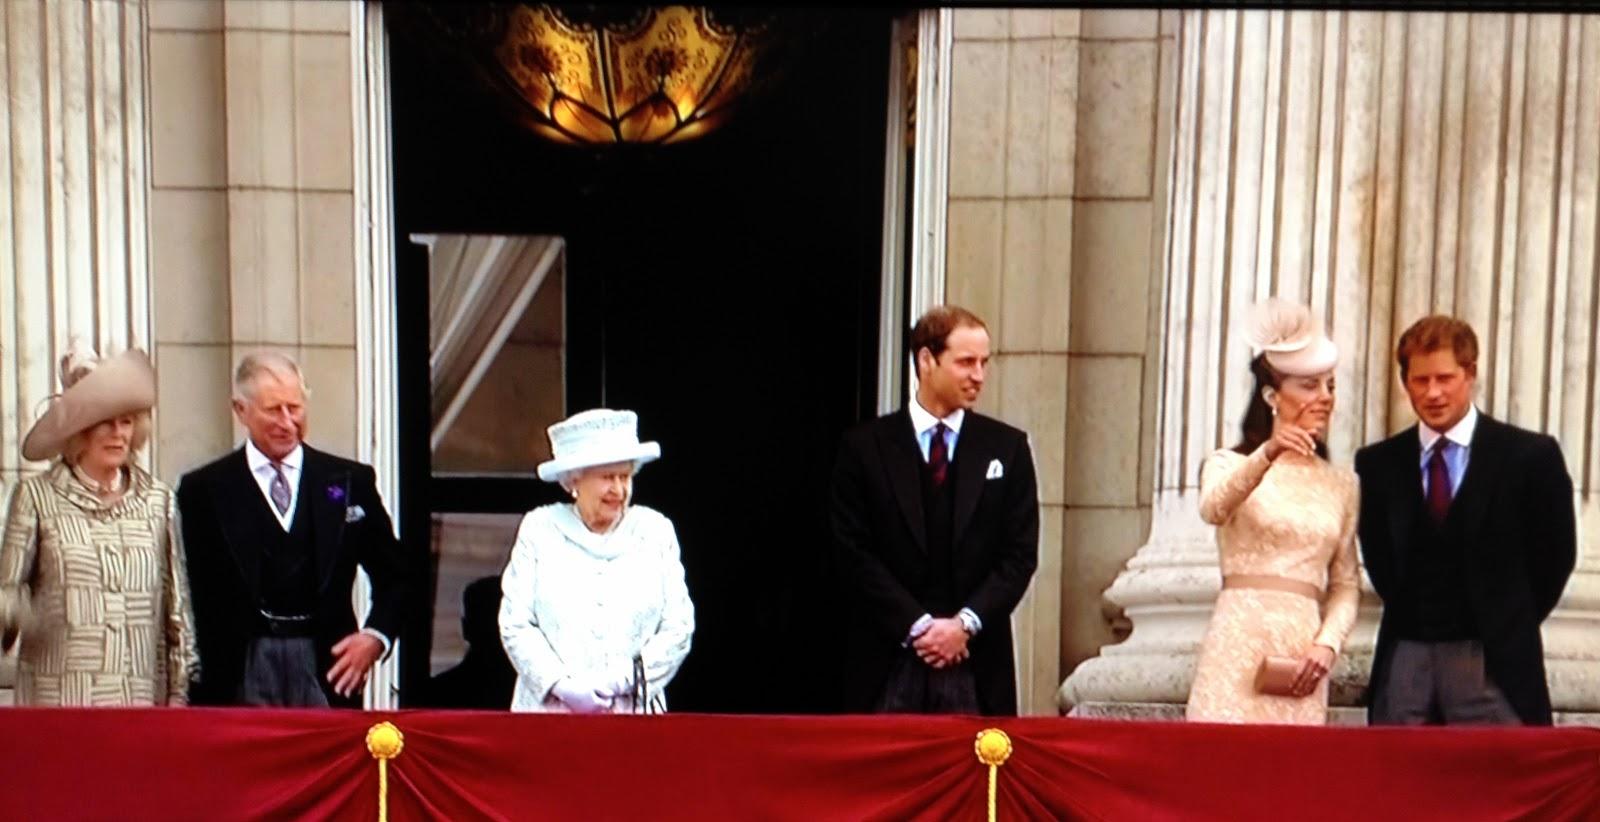 Queen Elizabeth Family Photos Queen elizabeth diamondQueen Elizabeth 1 Family Photos